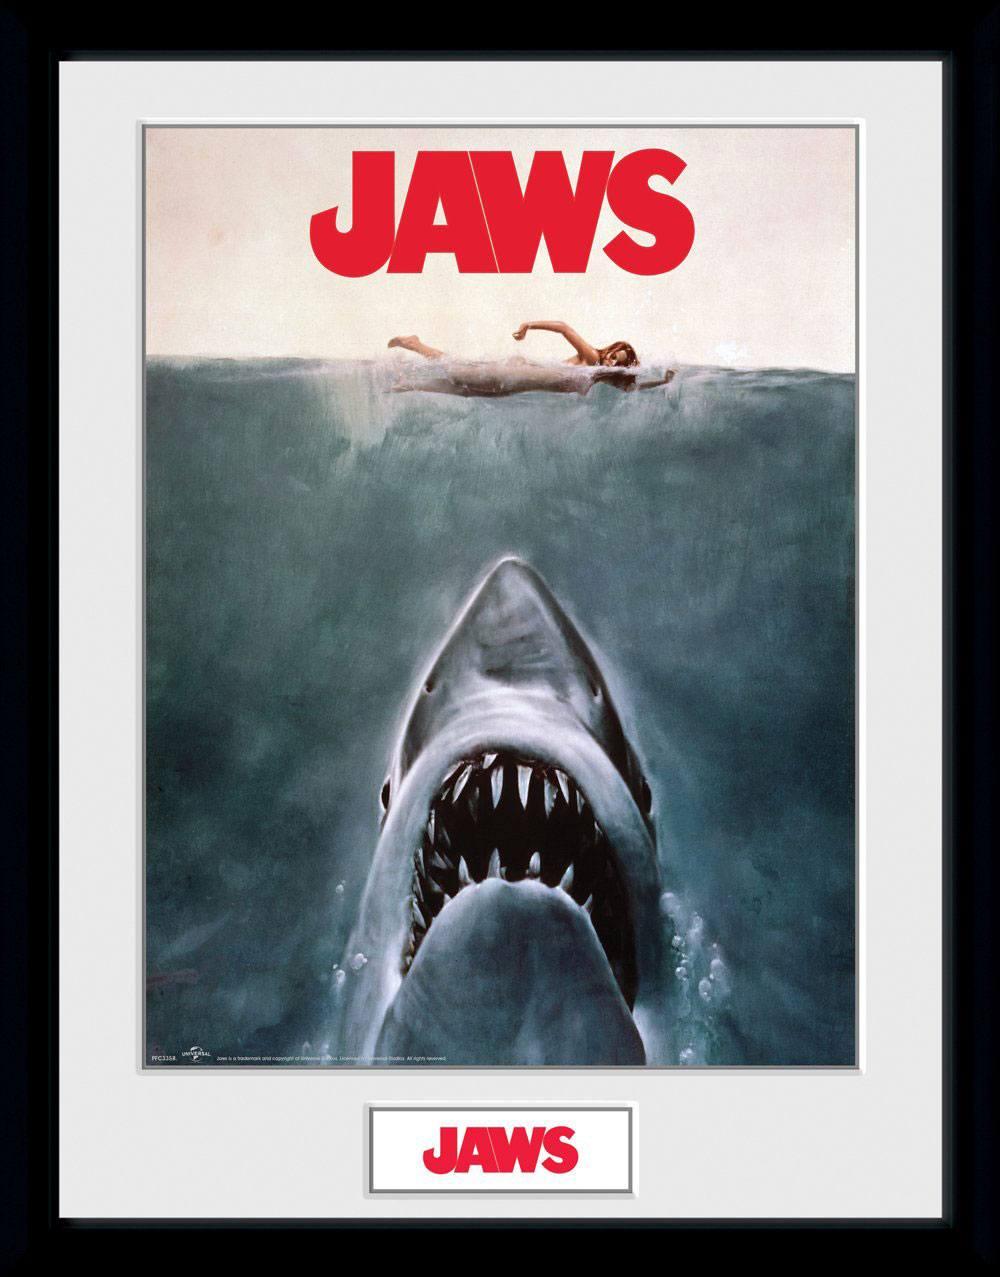 Jaws Framed Poster Key Art 45 x 34 cm